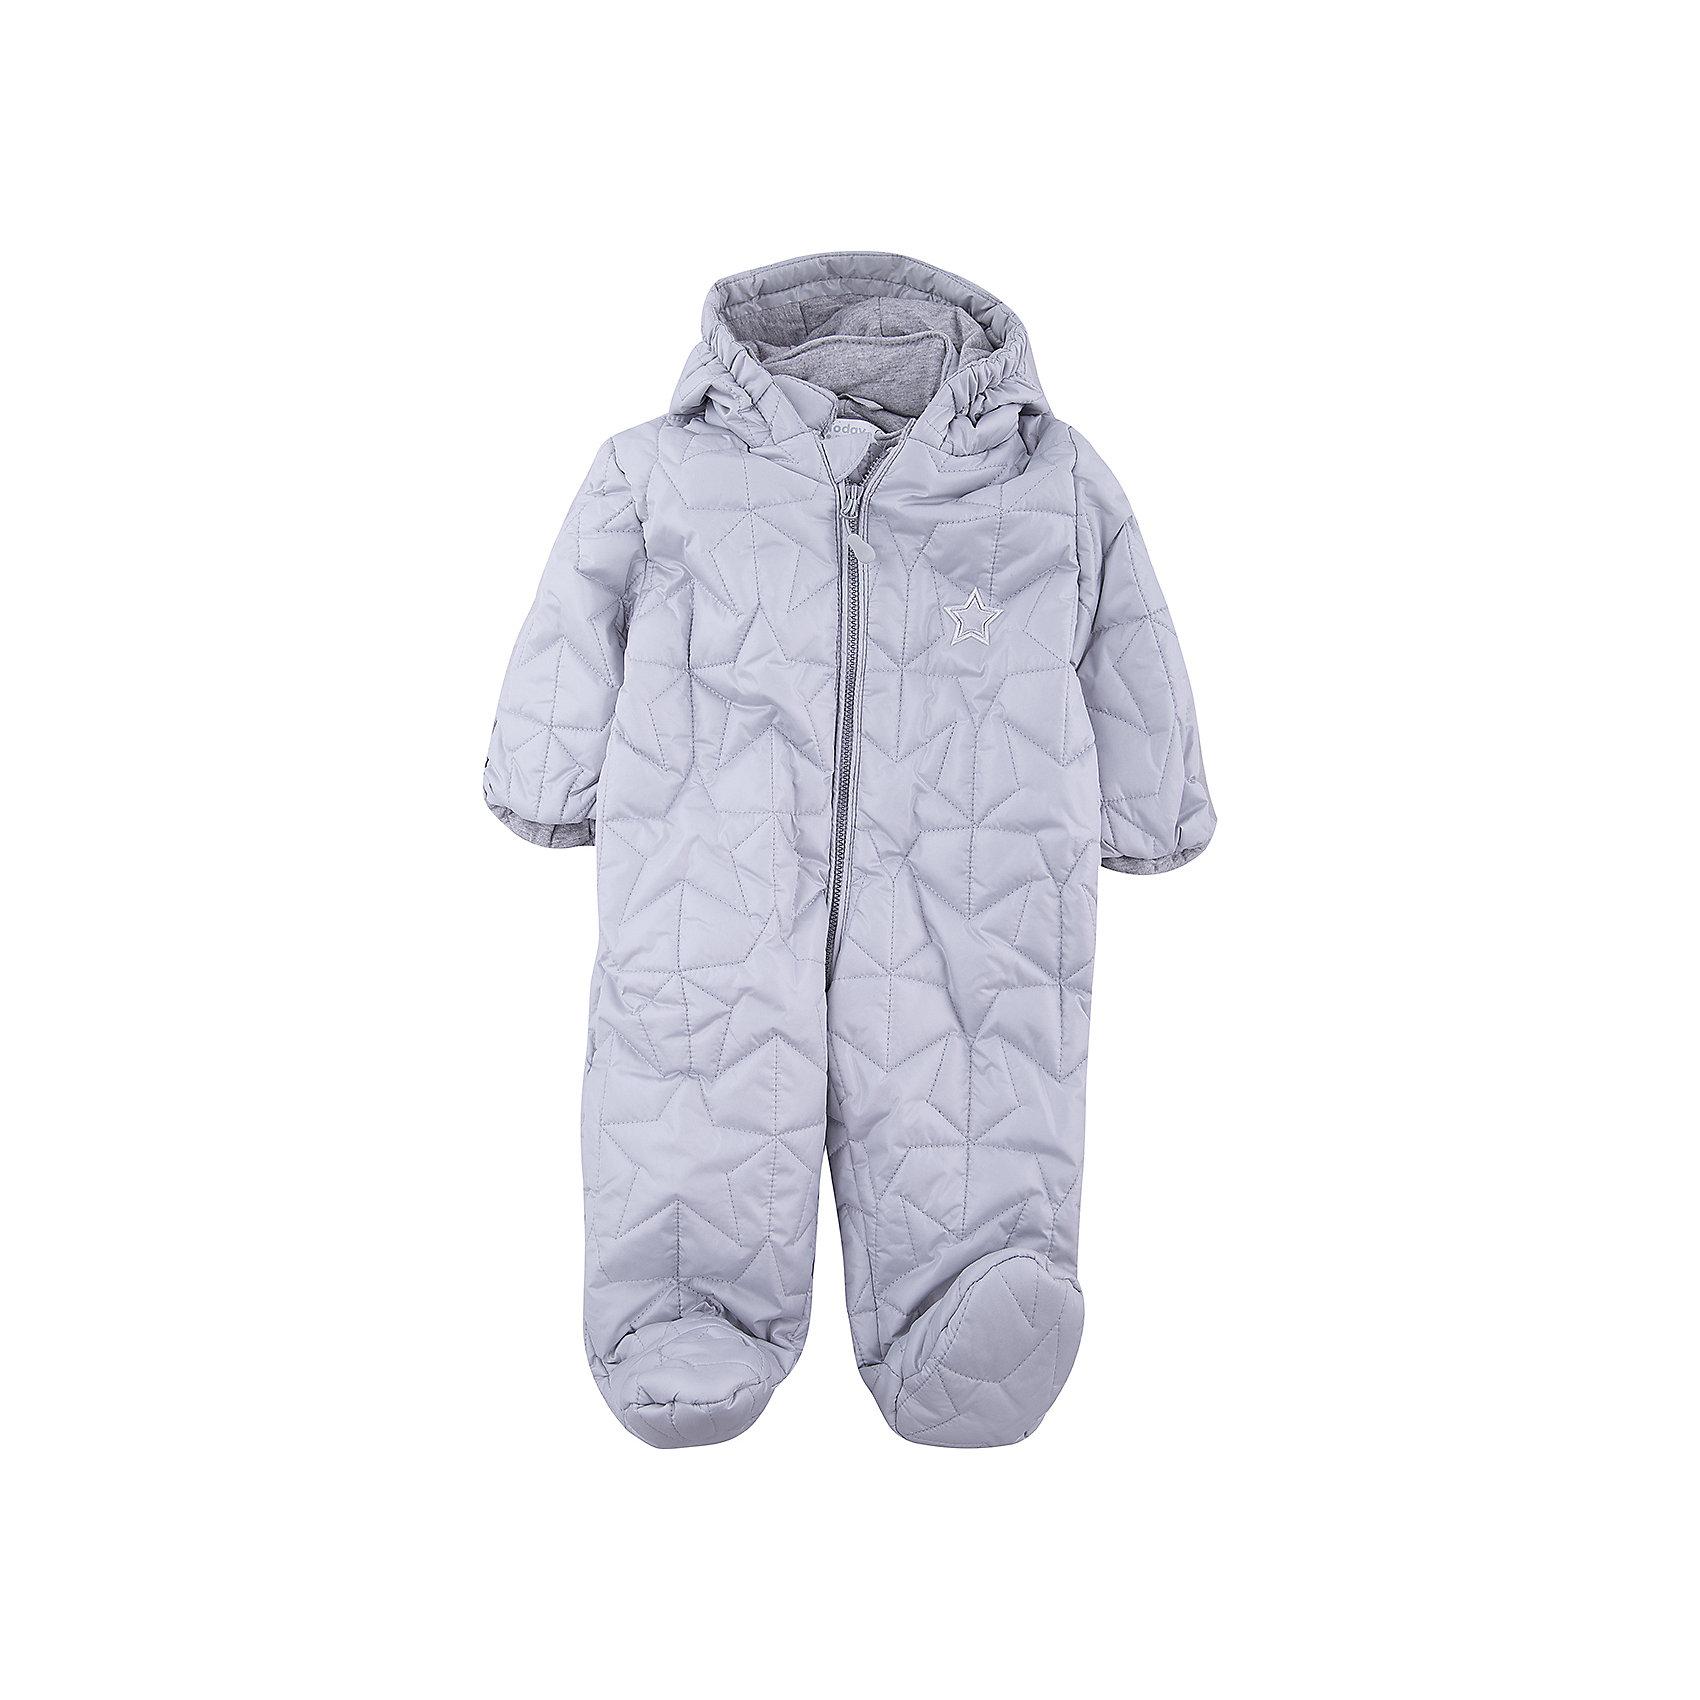 Комбинезон для мальчика PlayTodayВерхняя одежда<br>Характеристики товара:<br><br>• цвет: серый<br>• состав: 100% полиэстер<br>• подкладка: 100% хлопок<br>• утеплитель: 100% полиэстер, 150 г/м2<br>• температурный режим: от +0°С до +15°С<br>• стеганый<br>• кисти рук закрываются теплыми защитными кармашками<br>• молния с защитой подбородка<br>• светоотражающие элементы<br>• капюшон на мягкой резинке <br>• капюшон не отстегивается<br>• страна бренда: Германия<br>• страна производства: Китай<br><br>Стеганый комбинезон с капюшоном для мальчика PlayToday. Утепленный комбинезон на молнии, с капюшоном прекрасно подойдет ребенку в прохладную погоду. Специальный карман для фиксации застежки-молнии не позволит застежке травмировать нежную кожу ребенка. Капюшон на мягкой резинке. Подкладка из натурального хлопка. Кисти рук закрываются теплыми защитными кармашками. <br><br>Комбинезон для мальчика от известного бренда PlayToday можно купить в нашем интернет-магазине.<br><br>Ширина мм: 356<br>Глубина мм: 10<br>Высота мм: 245<br>Вес г: 519<br>Цвет: серый<br>Возраст от месяцев: 2<br>Возраст до месяцев: 5<br>Пол: Мужской<br>Возраст: Детский<br>Размер: 62,74<br>SKU: 5407981